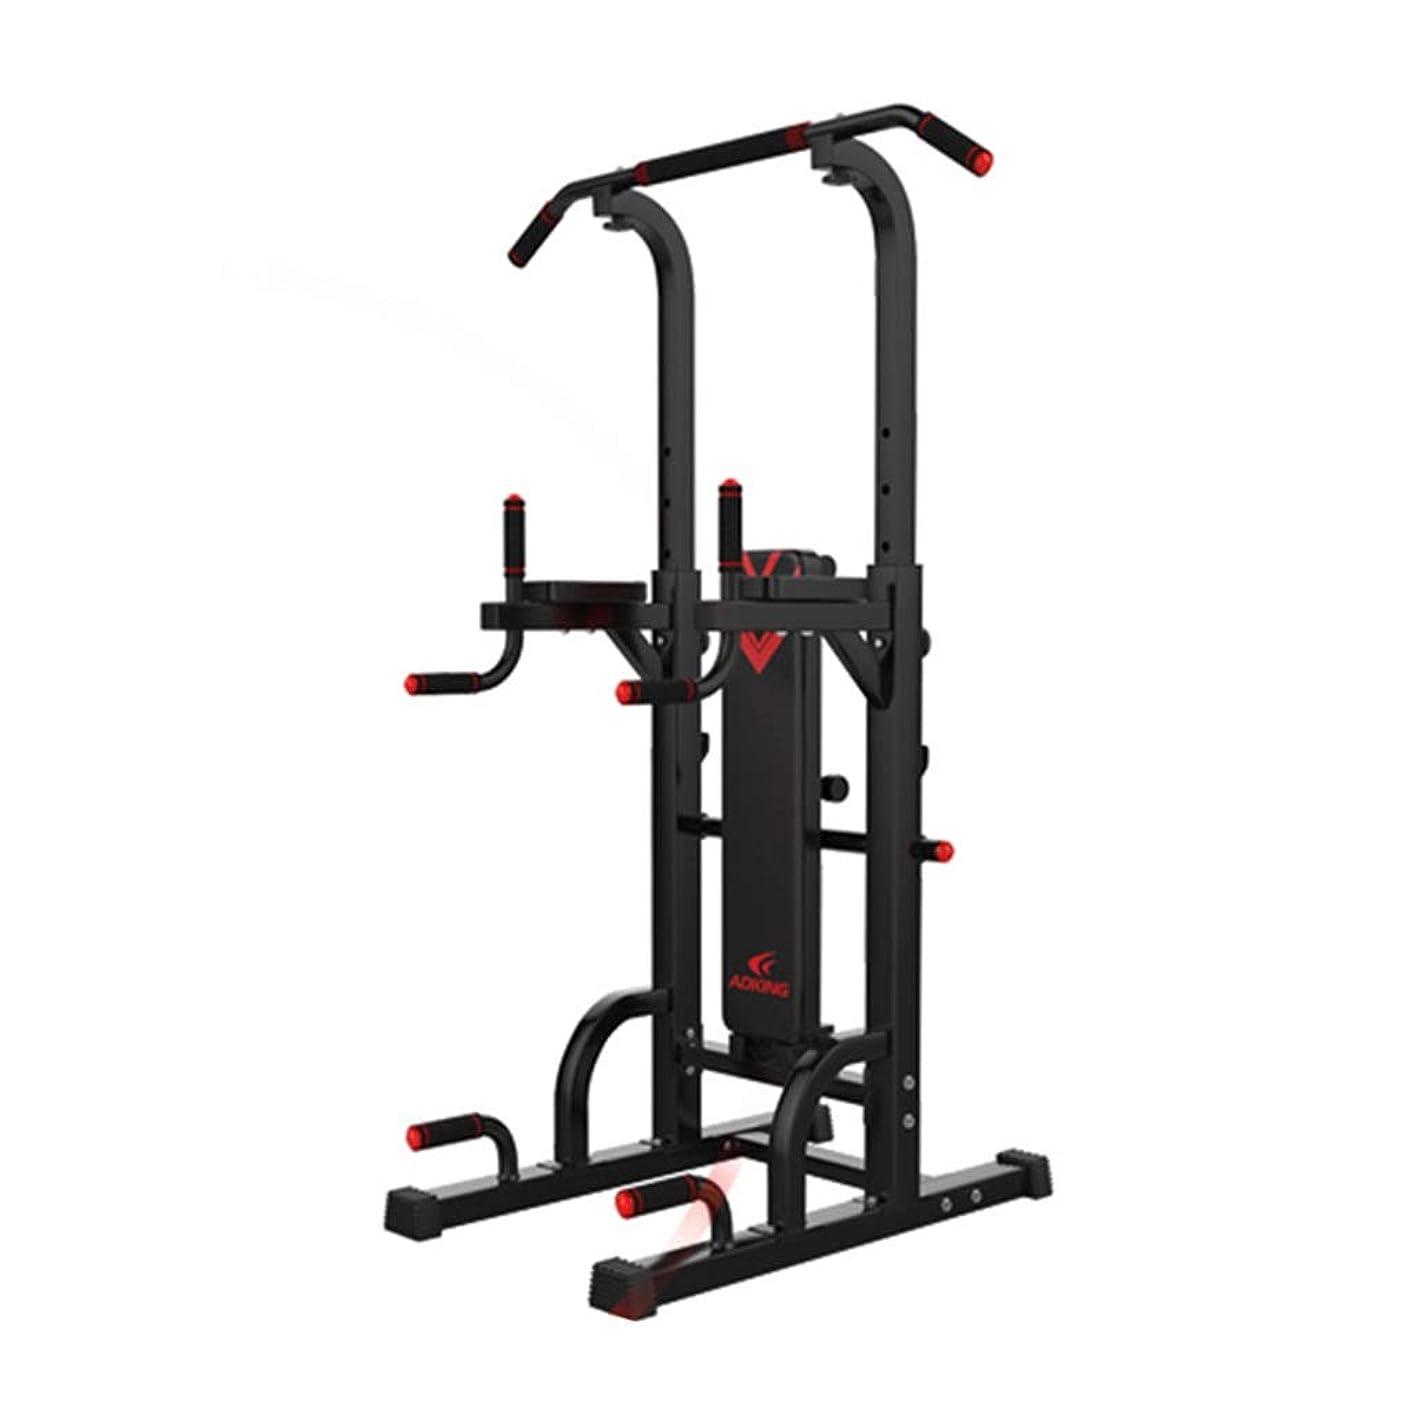 緩む賢い扱うディップスタンド水平バー平行棒ボクシングサンドバッグホーム多機能プルアップ屋内トレーニング用フィットネス機器 (Color : Black, Size : 100*64*230cm)